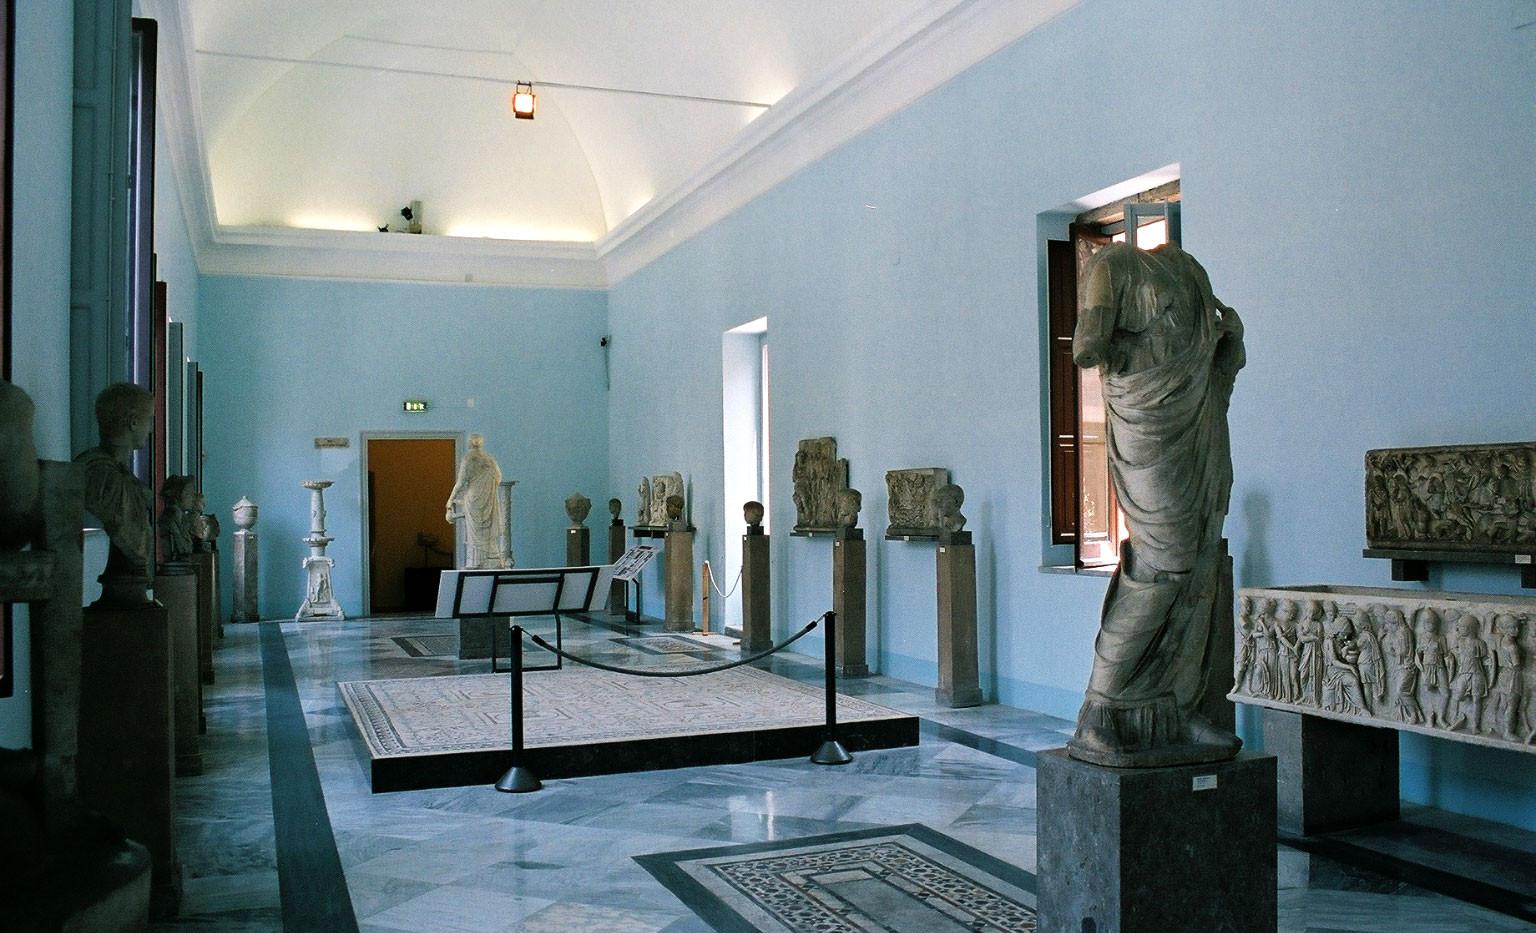 Museo Archeologico Regionale Antonio Salinas: fonte Balarm.it